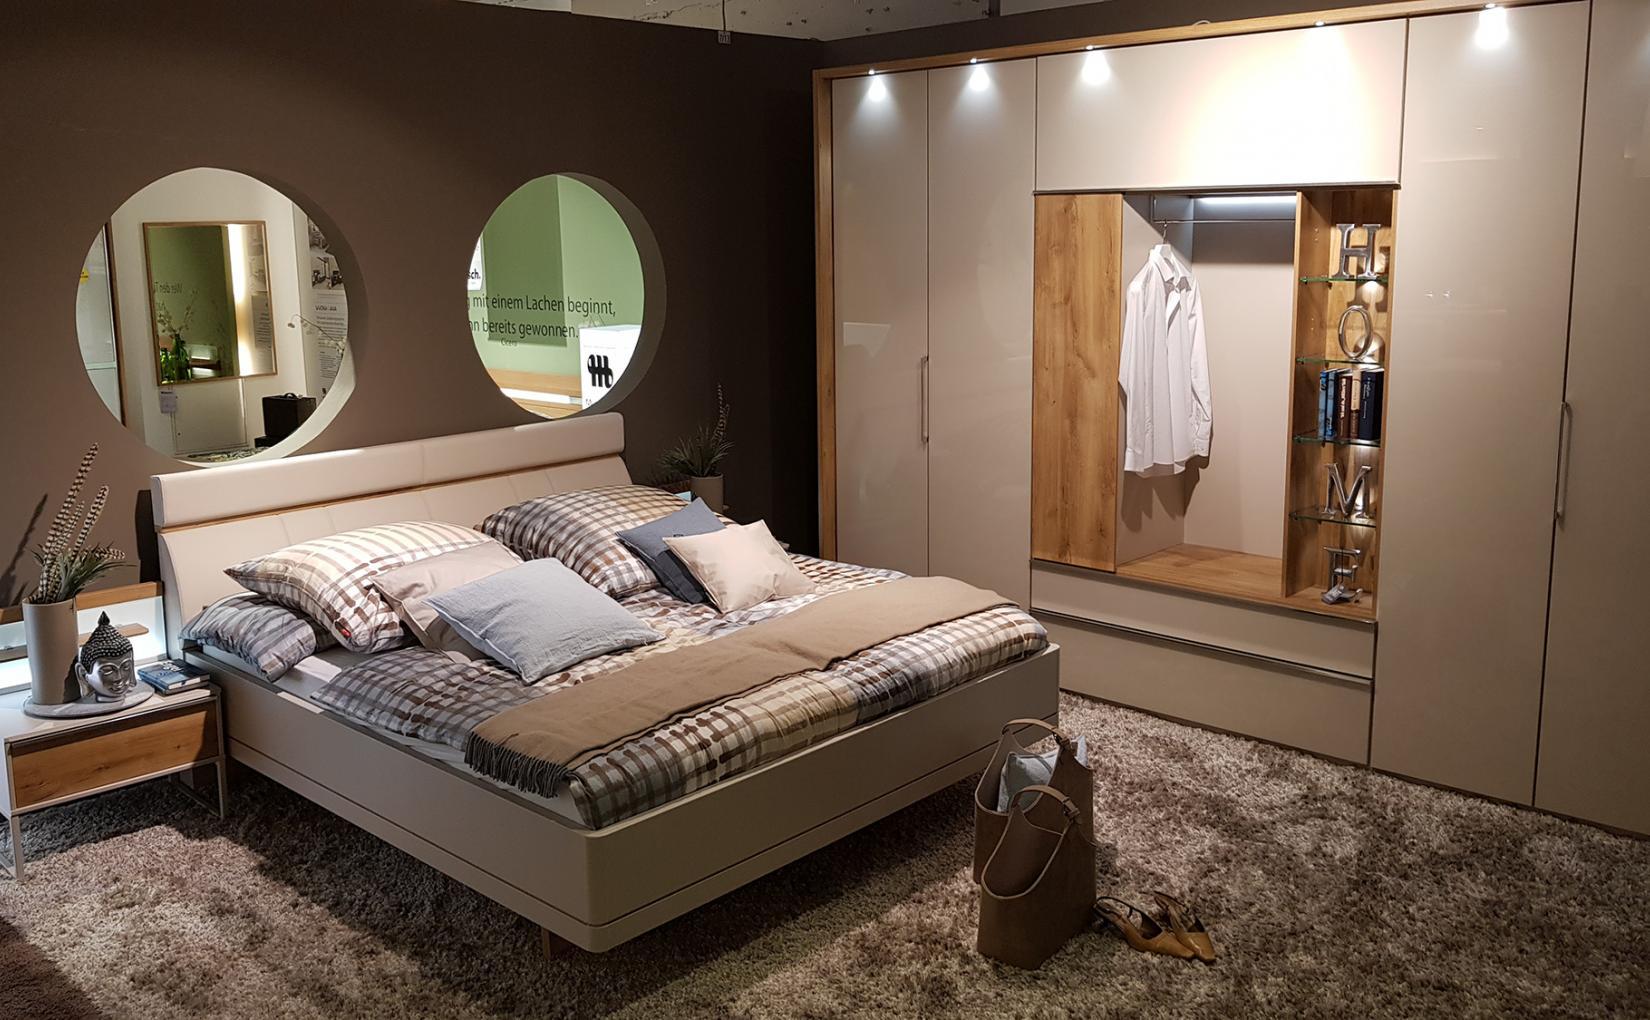 Möbel & Küchen Wannenwetsch - Schlafzimmer MR Sita